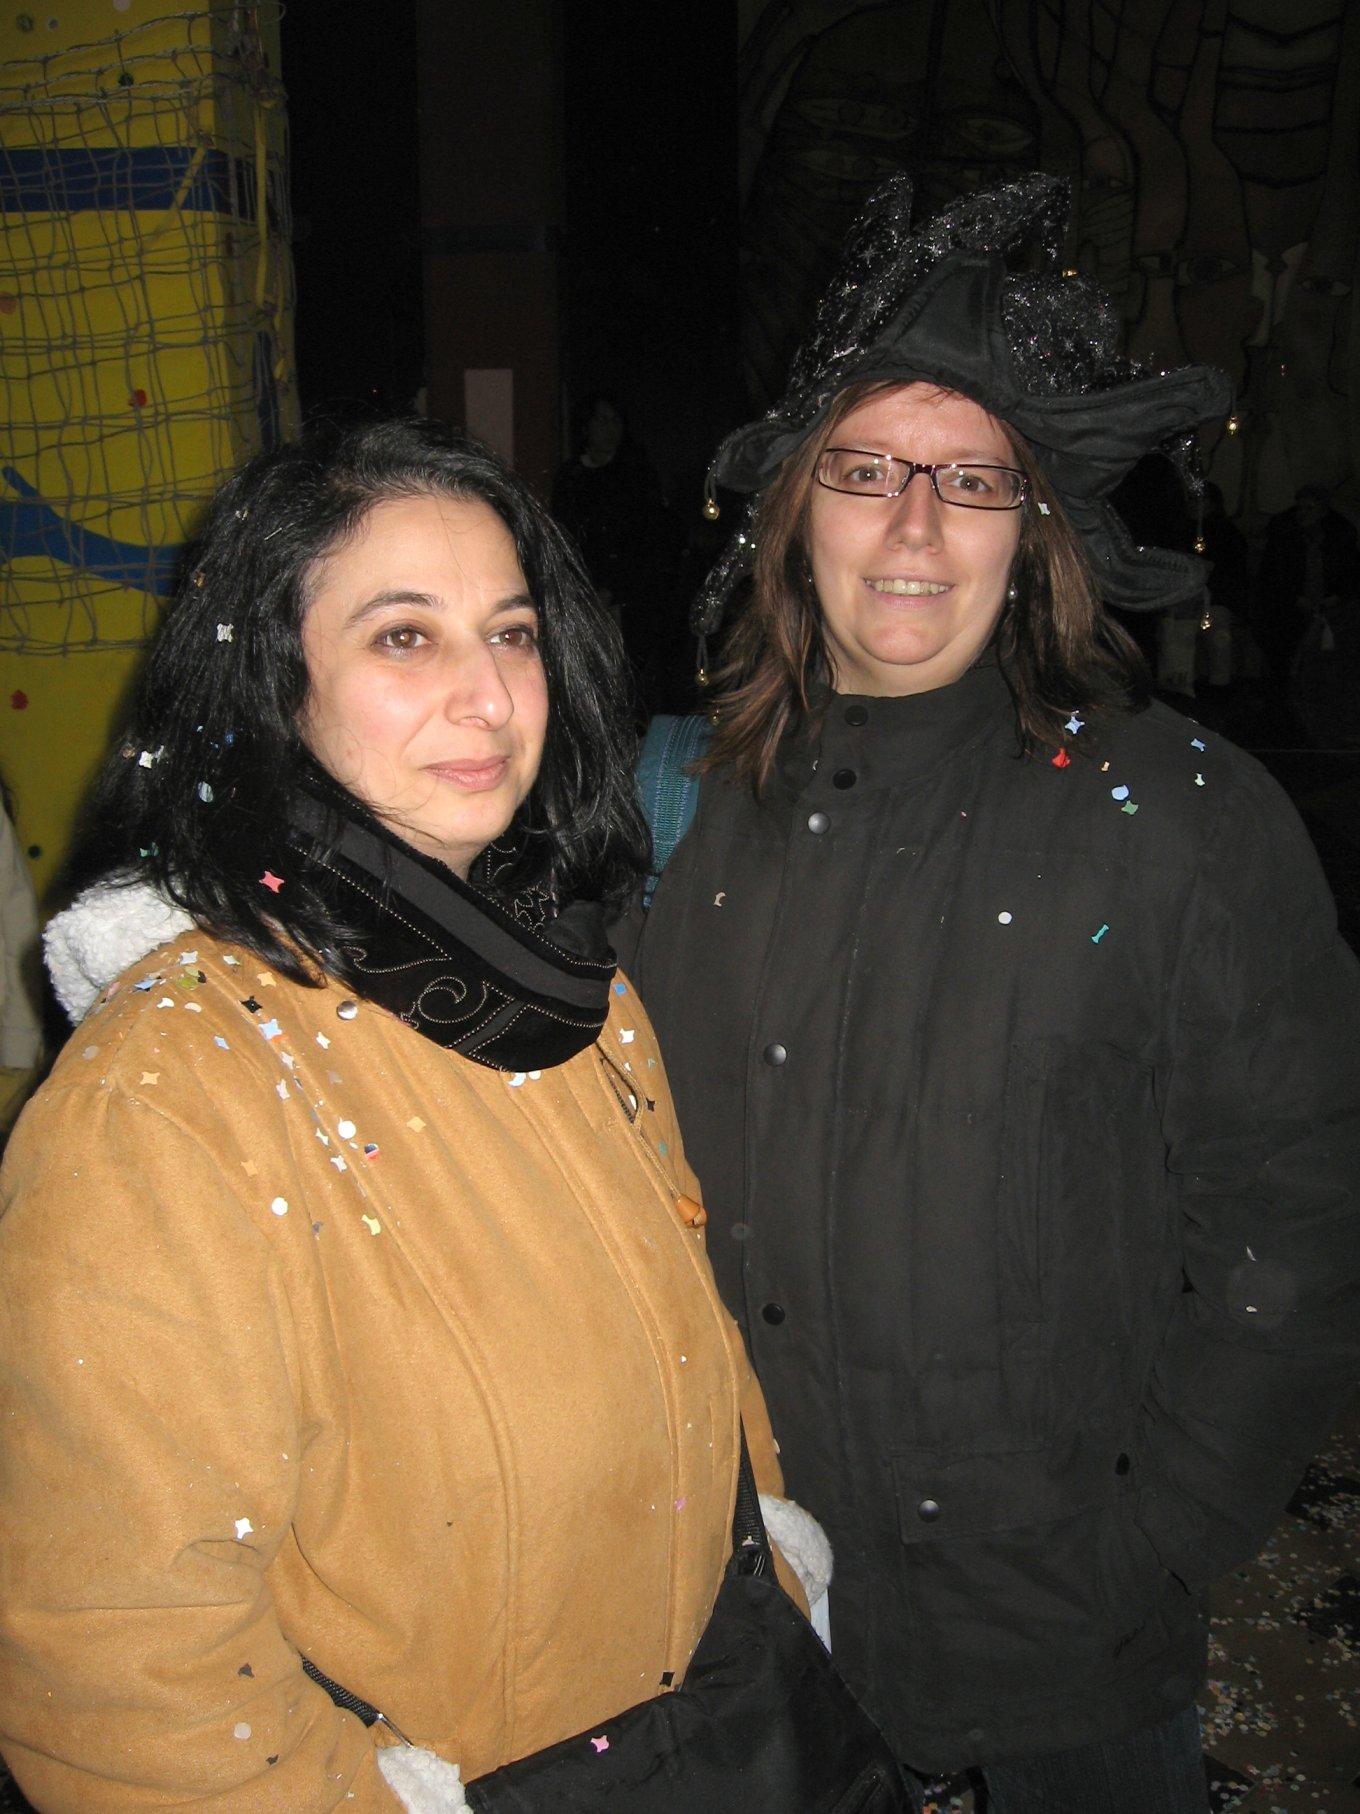 Pentolaccia-2009-02-22--16.09.21.jpg